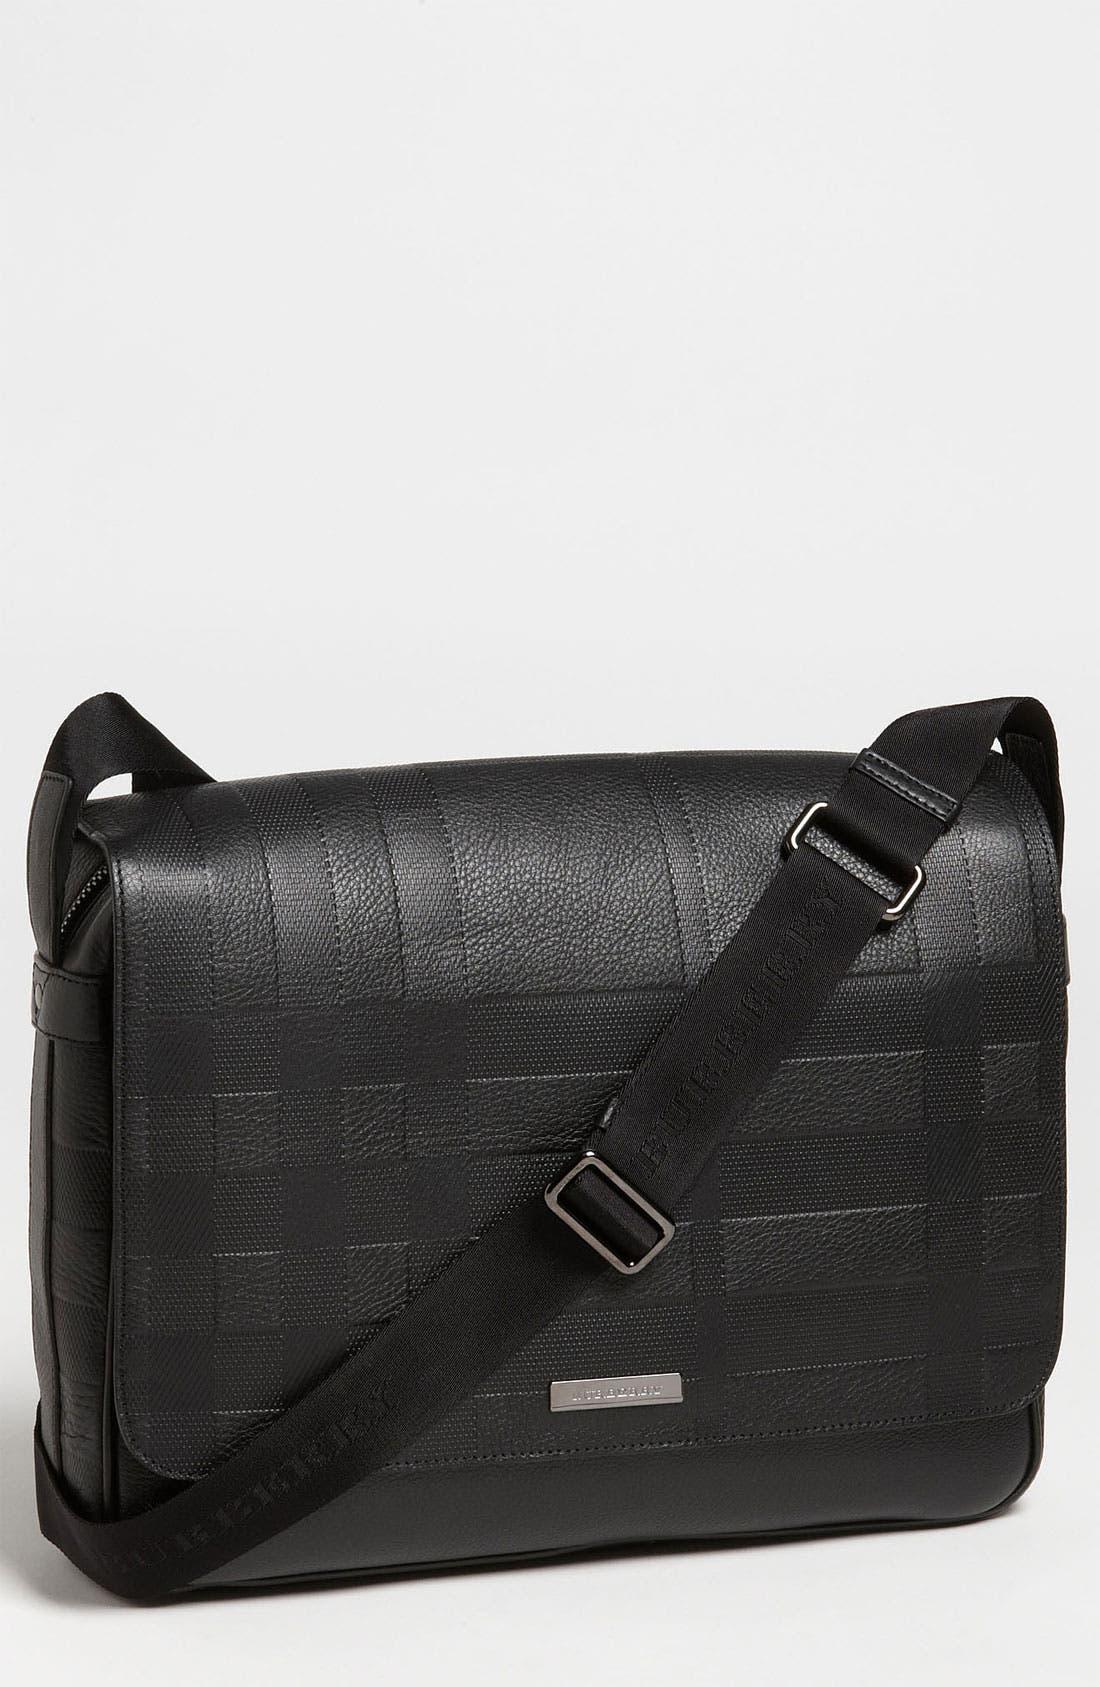 Main Image - Burberry 'Emmett' Check Embossed Leather Messenger Bag